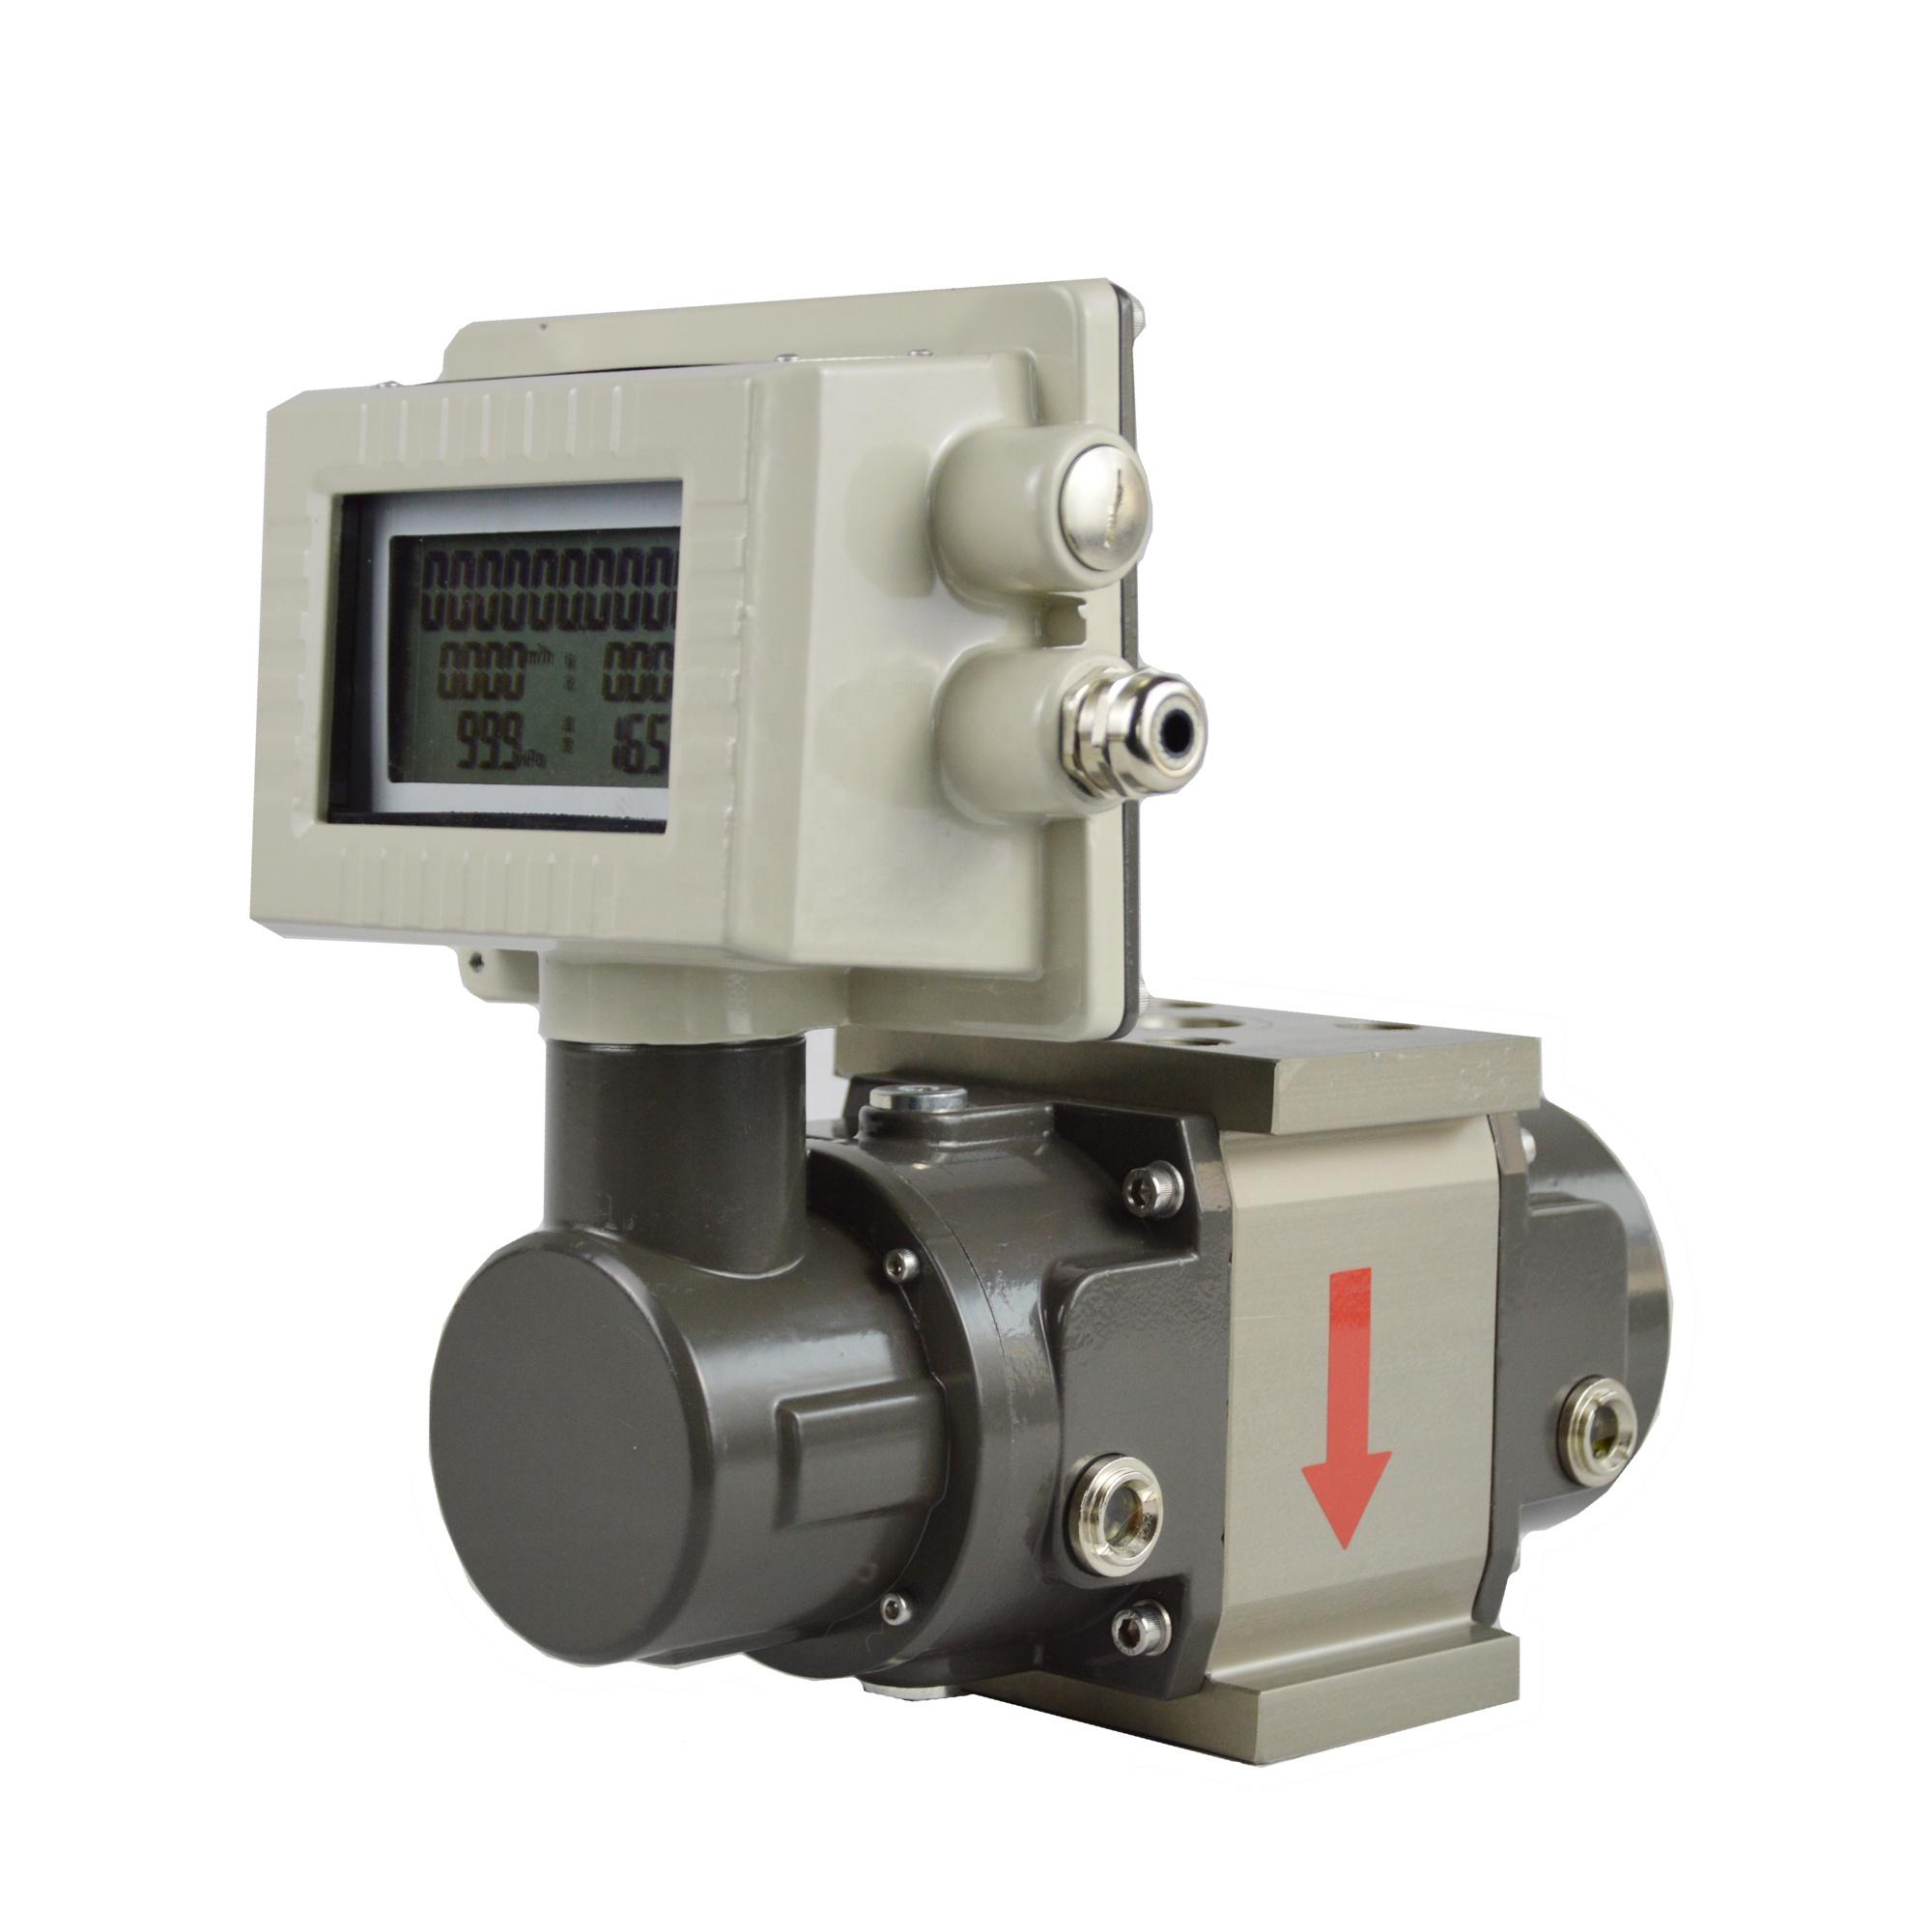 Débitmètre De Gaz Lzq-7 Débitmètre 2-20Lpm Débitmètre Avec ... pour Piscine Autostable